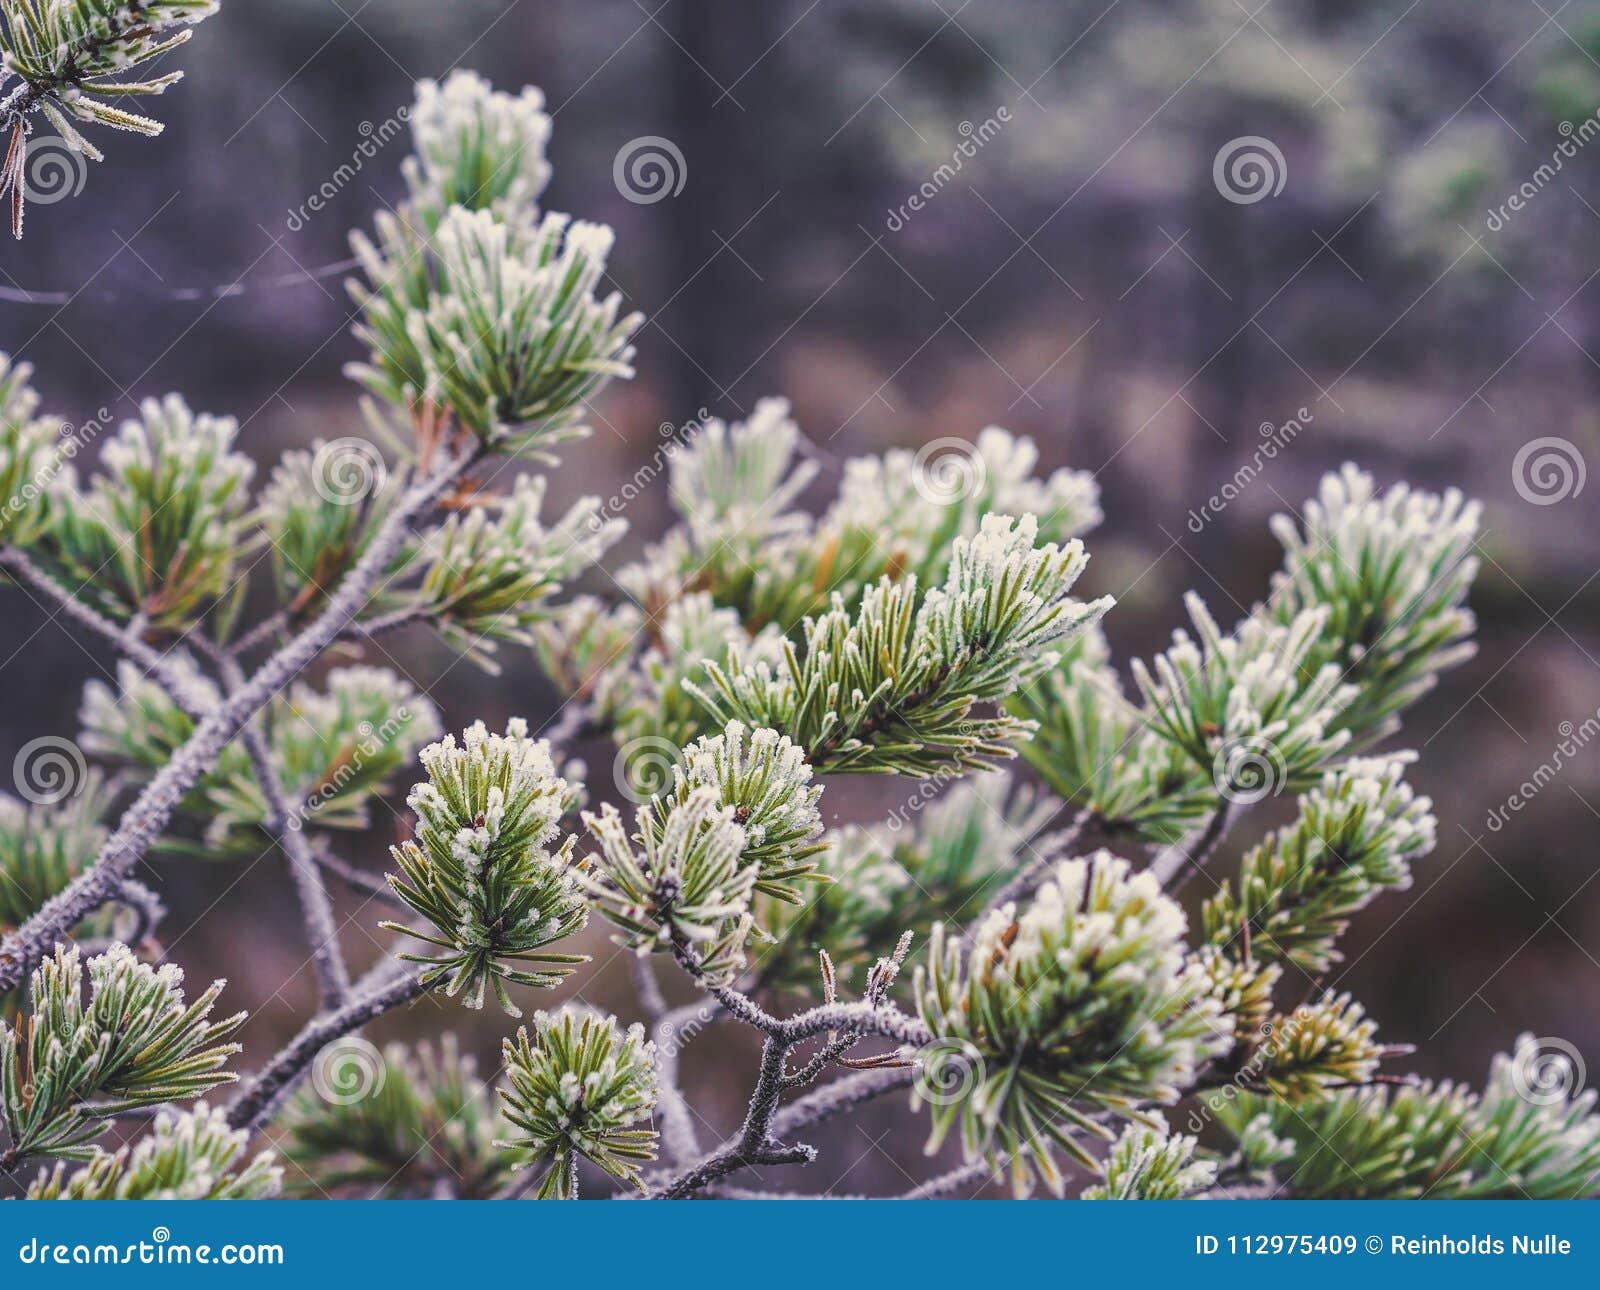 Closeup of Pine Tree Branch in Field of Kemeri moor in Latvia -